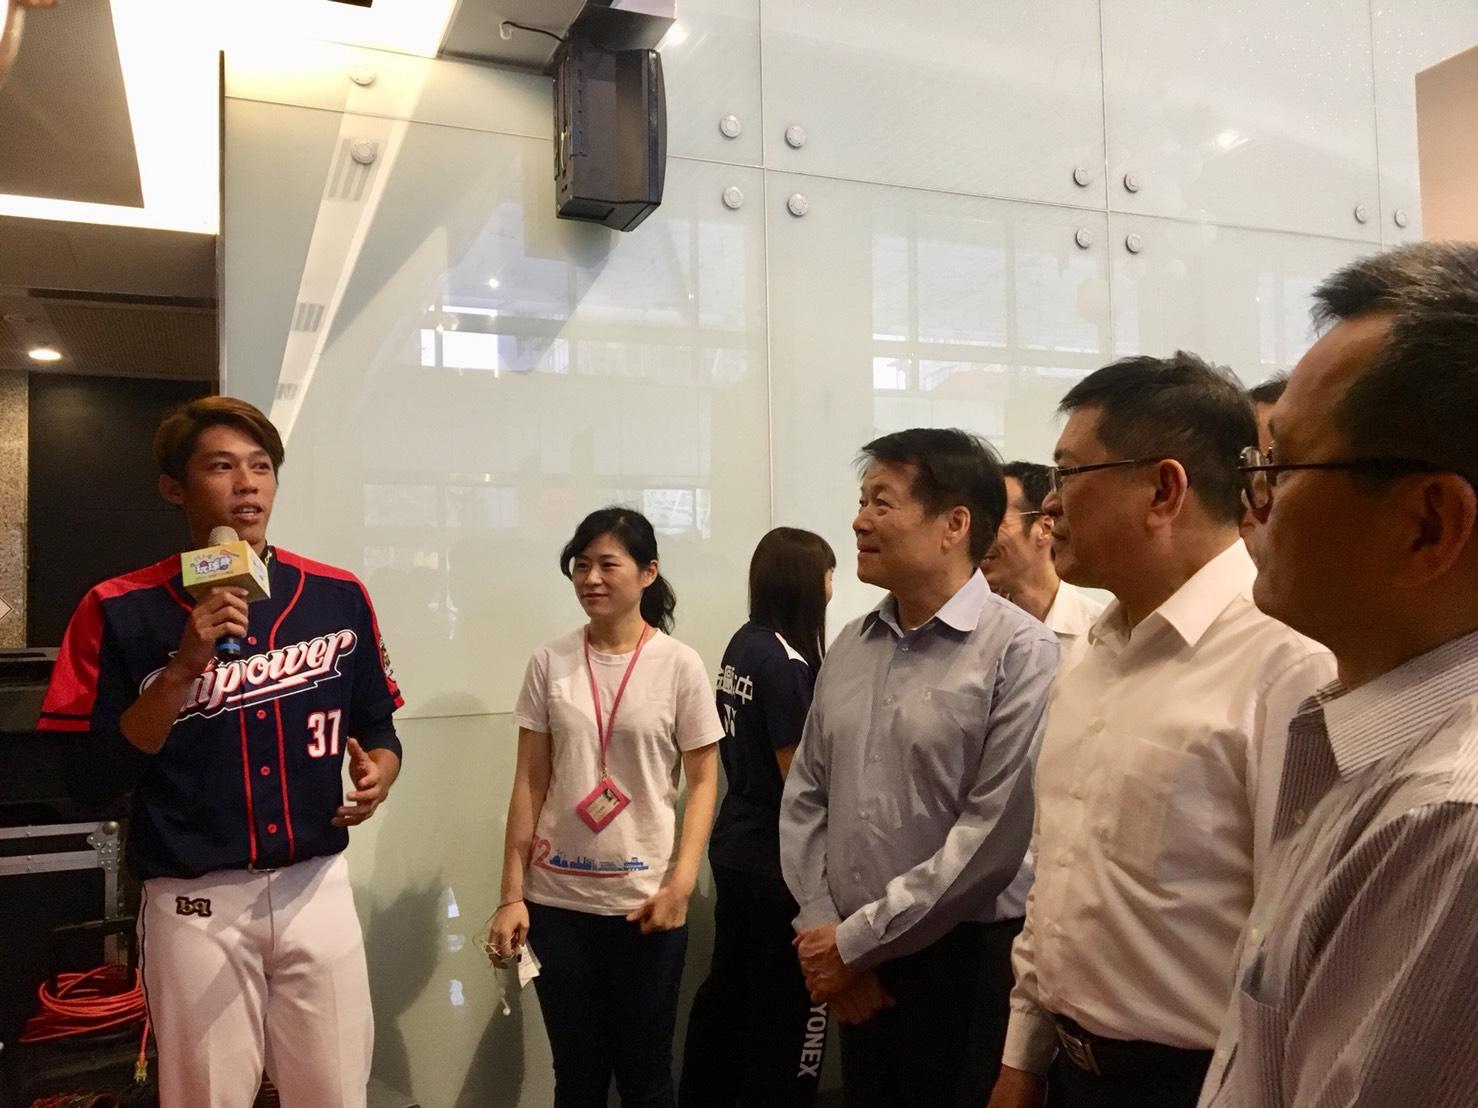 本屆亞運中華隊棒球員蔡偉凡(左一)於展場分享球隊培訓心得